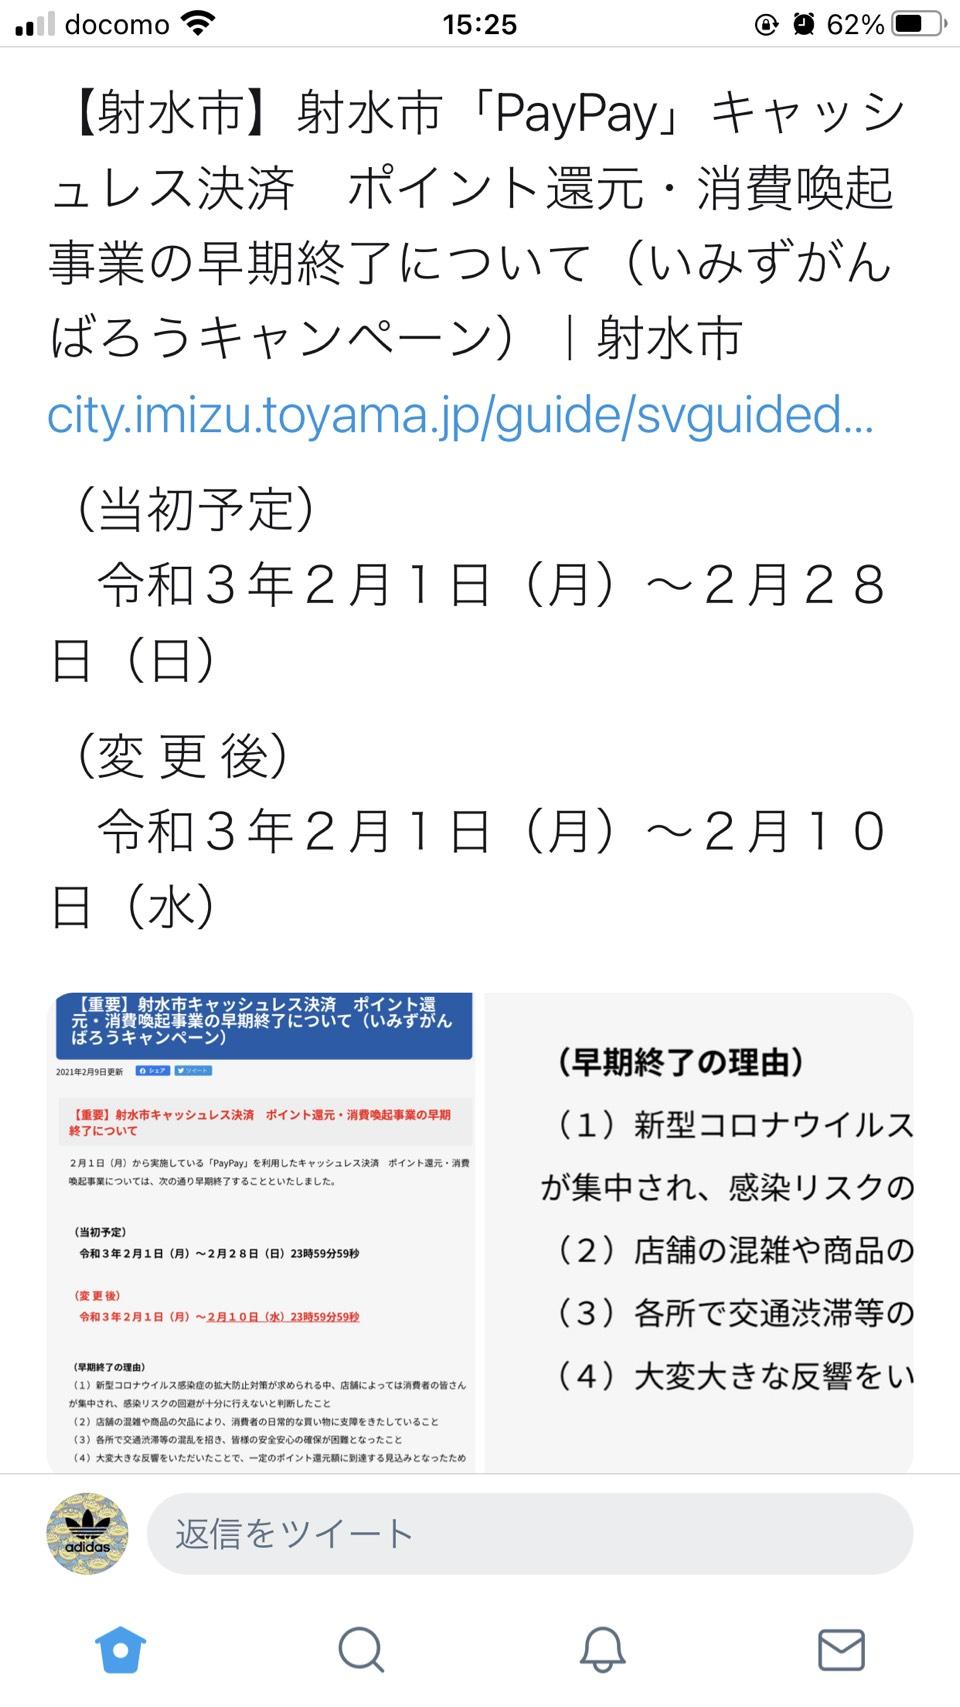 射水 市 paypay 【悲報】マジか…射水市のポイント還元キャンペーンが急遽2月10日に終了